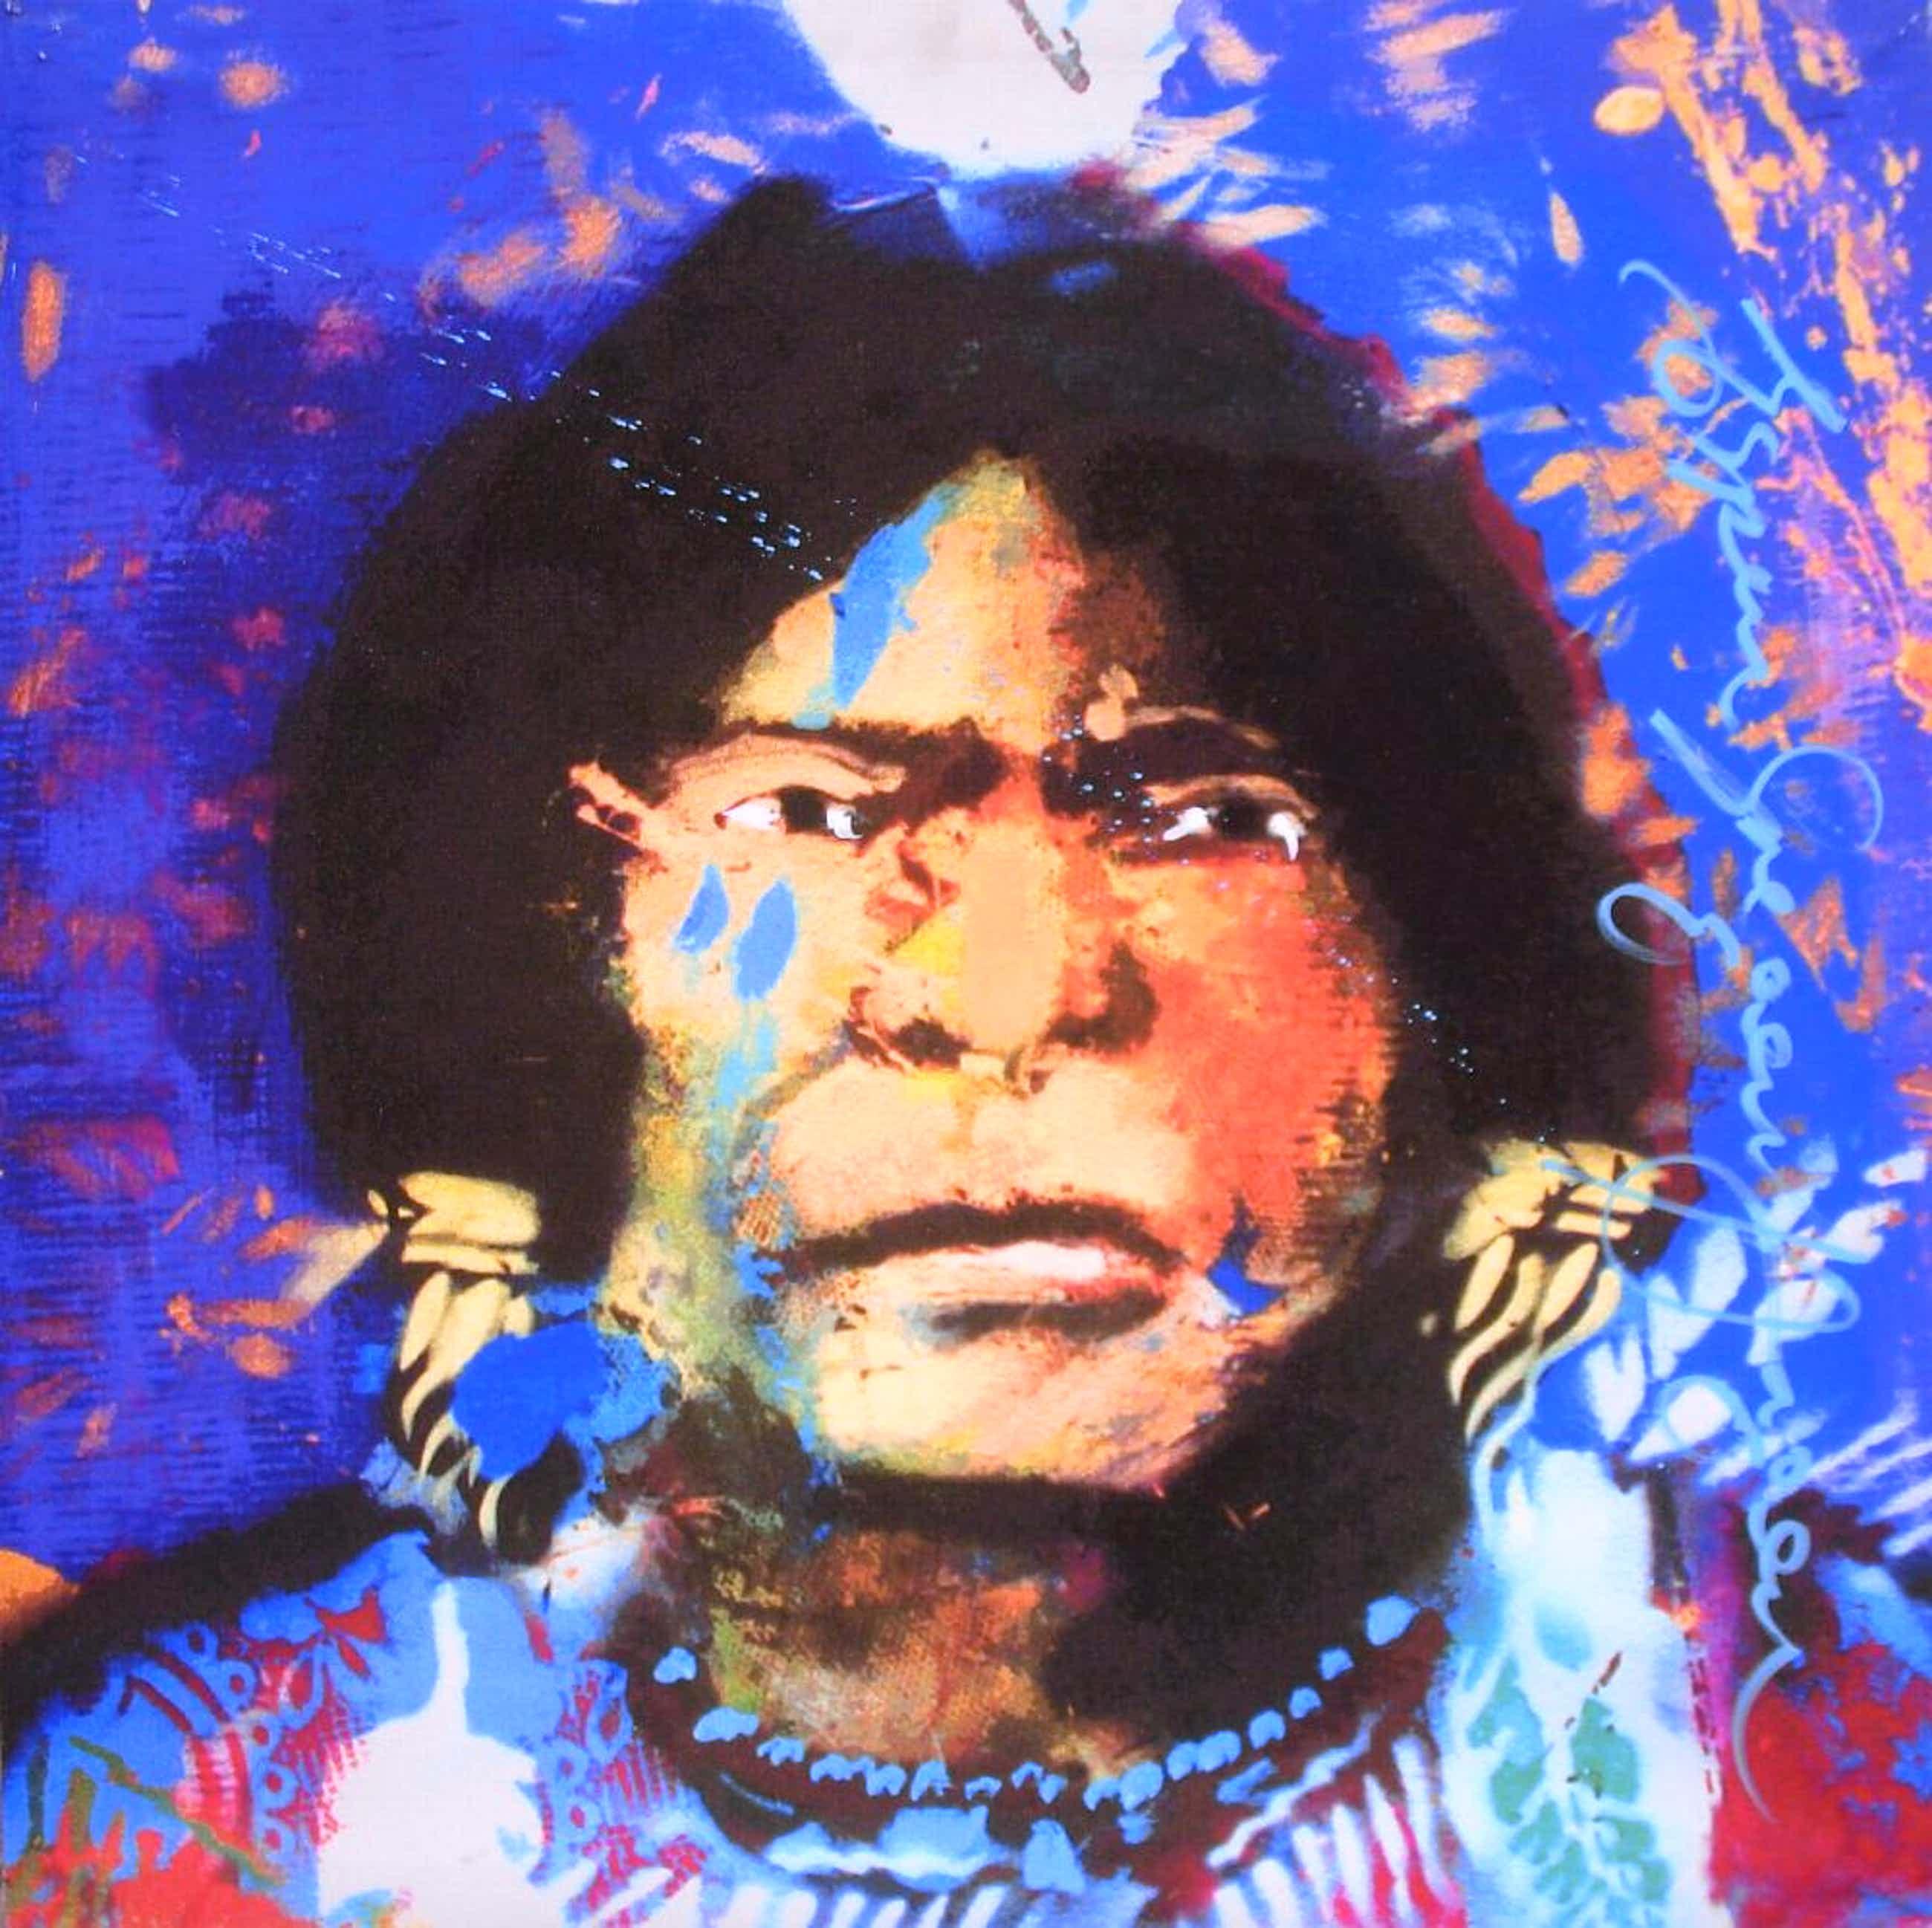 Espen Hagen - Neteca Indian - Handgesigneerde Giclee op linnen (90x90 cm.) kopen? Bied vanaf 35!